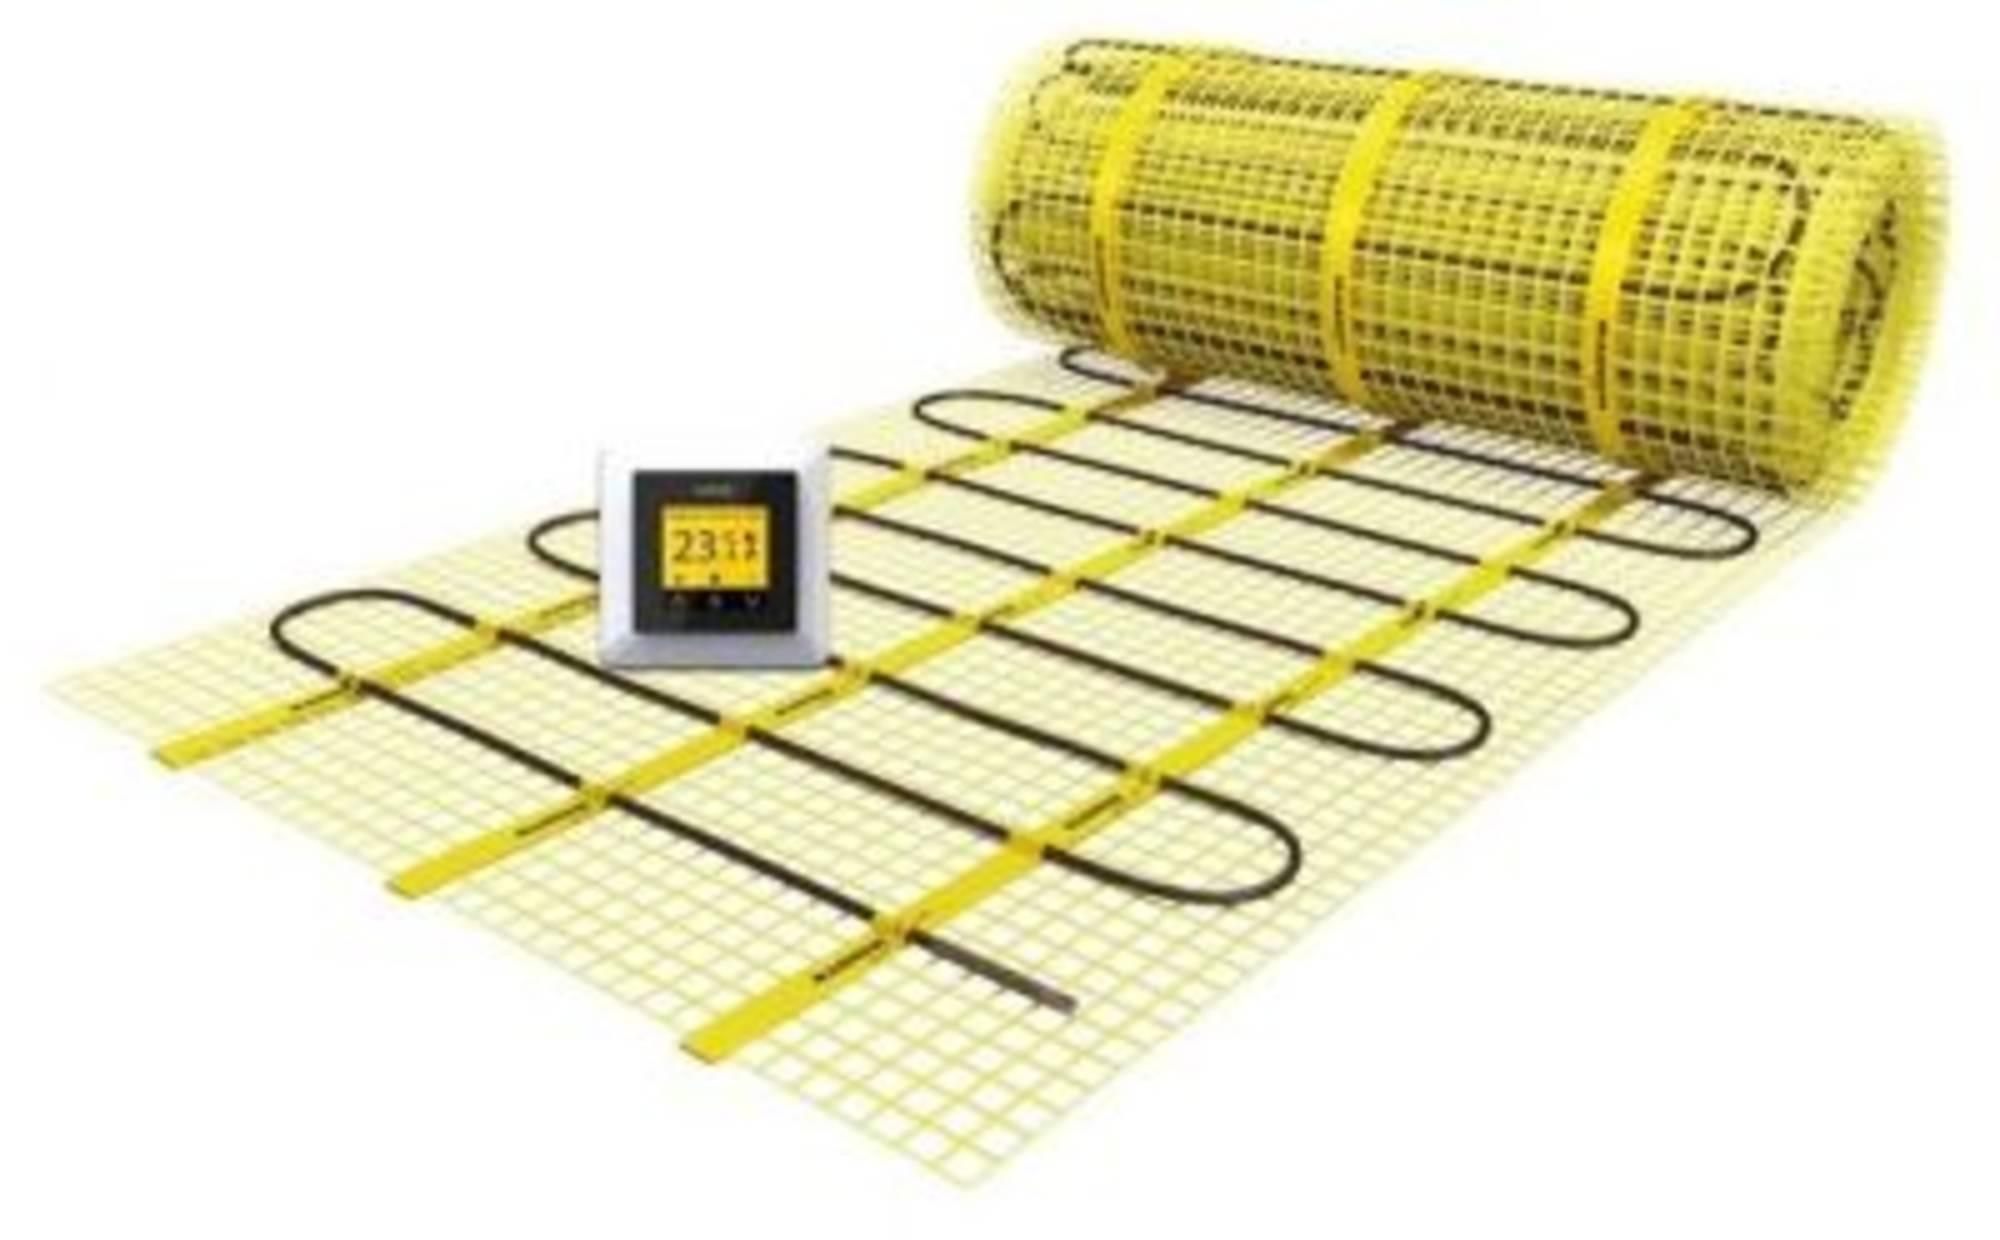 Magnum X-treme Control verwarmingsmat set 500x50 375w 2,5 m2